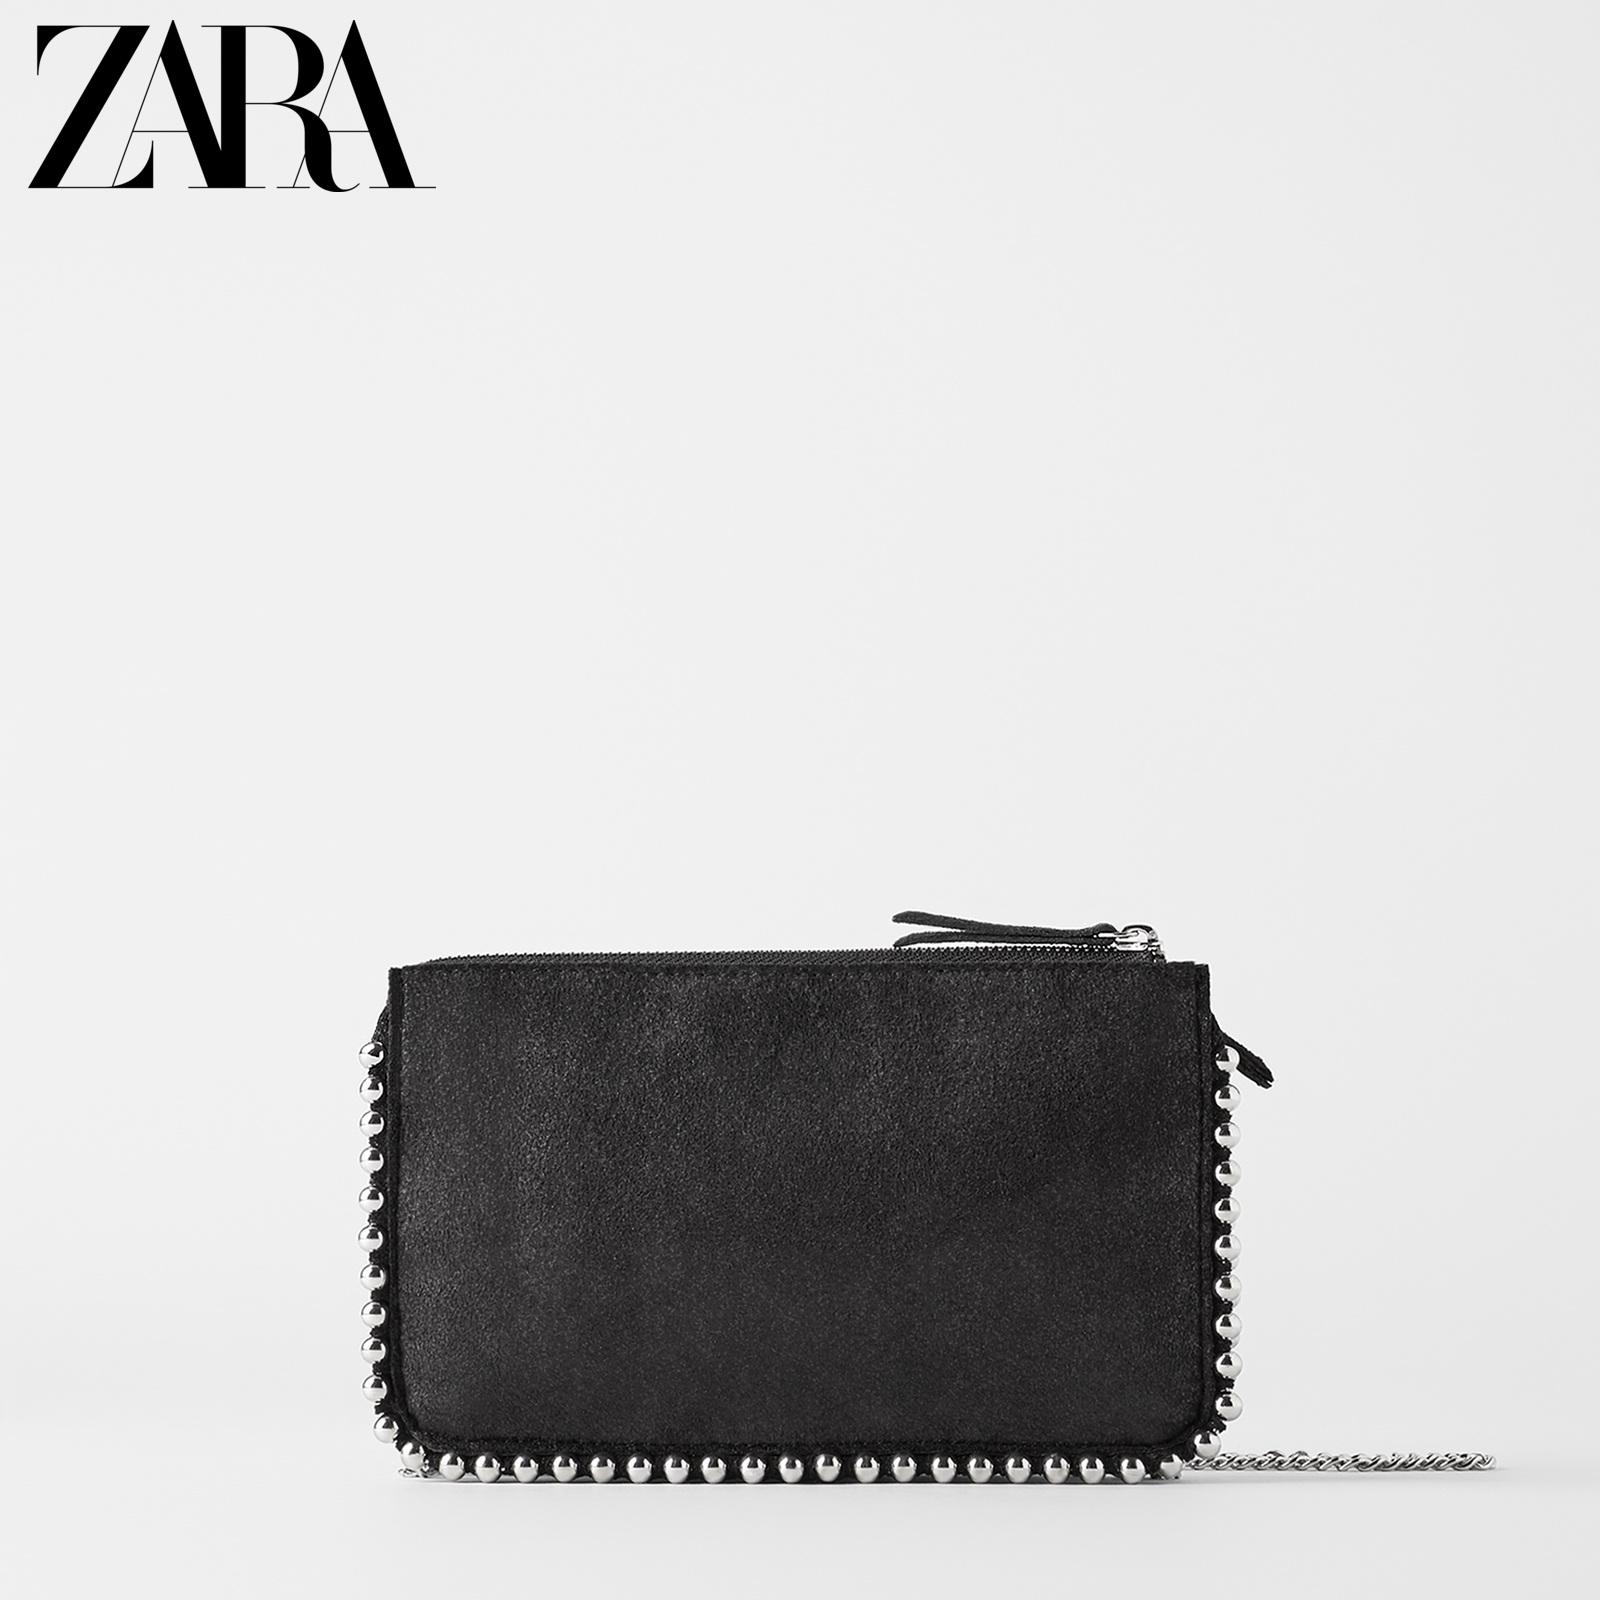 ZARA新款 女包 铆钉饰黑色单肩斜挎包 18085204040